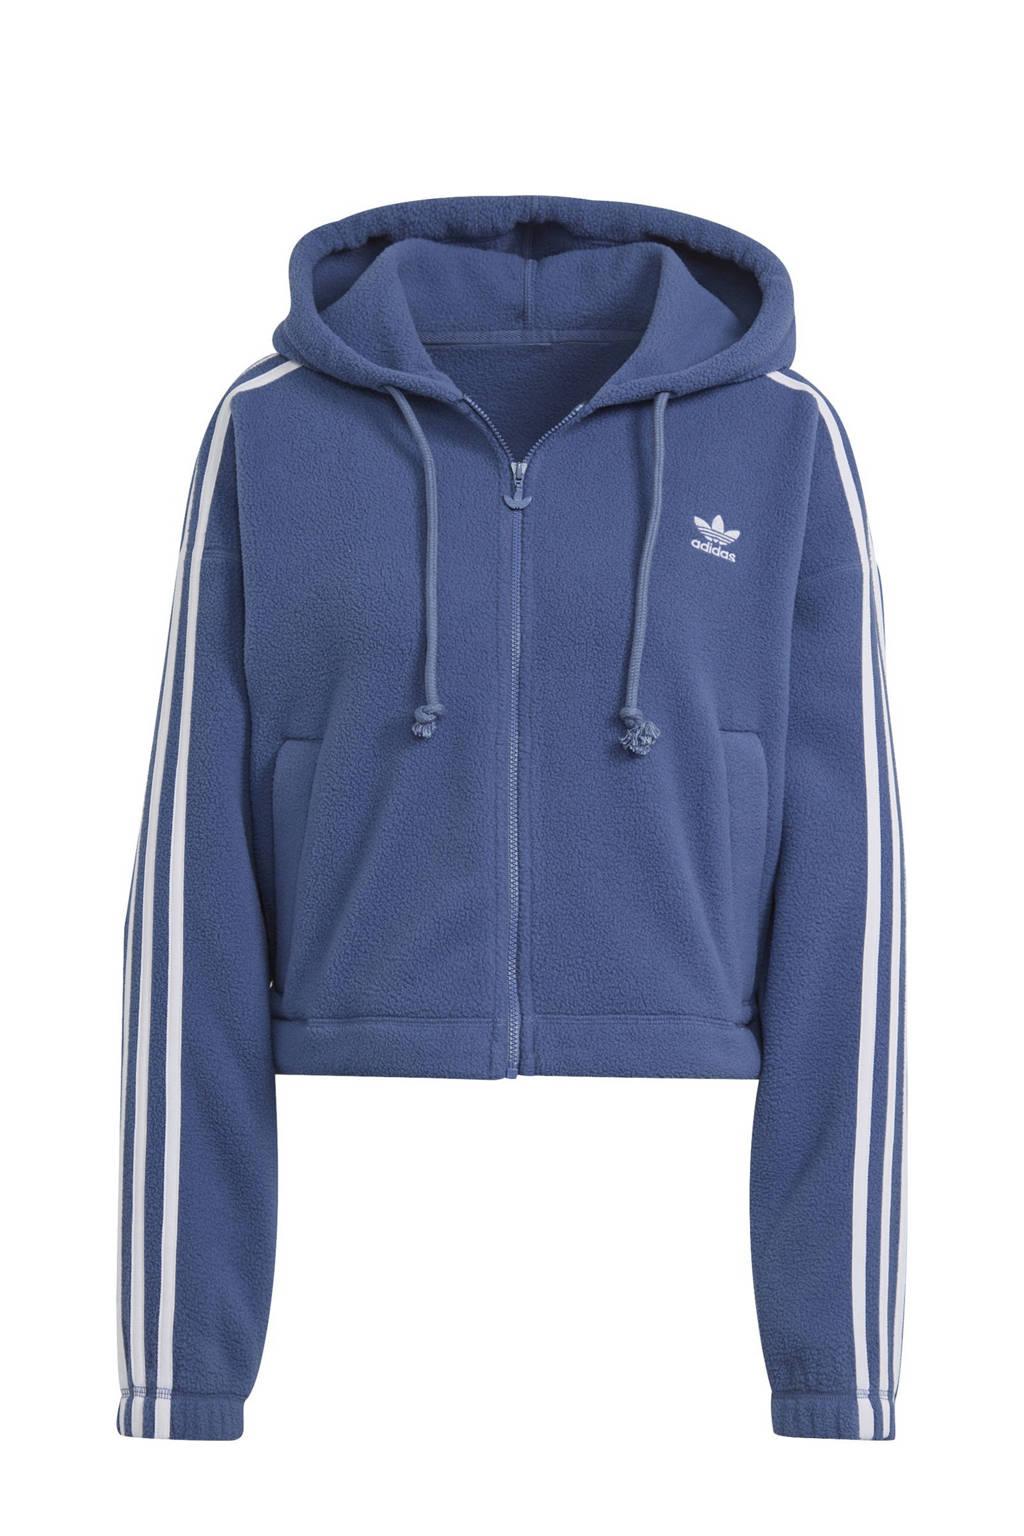 adidas Originals Adicolor vest blauw/wit, Blauw/wit